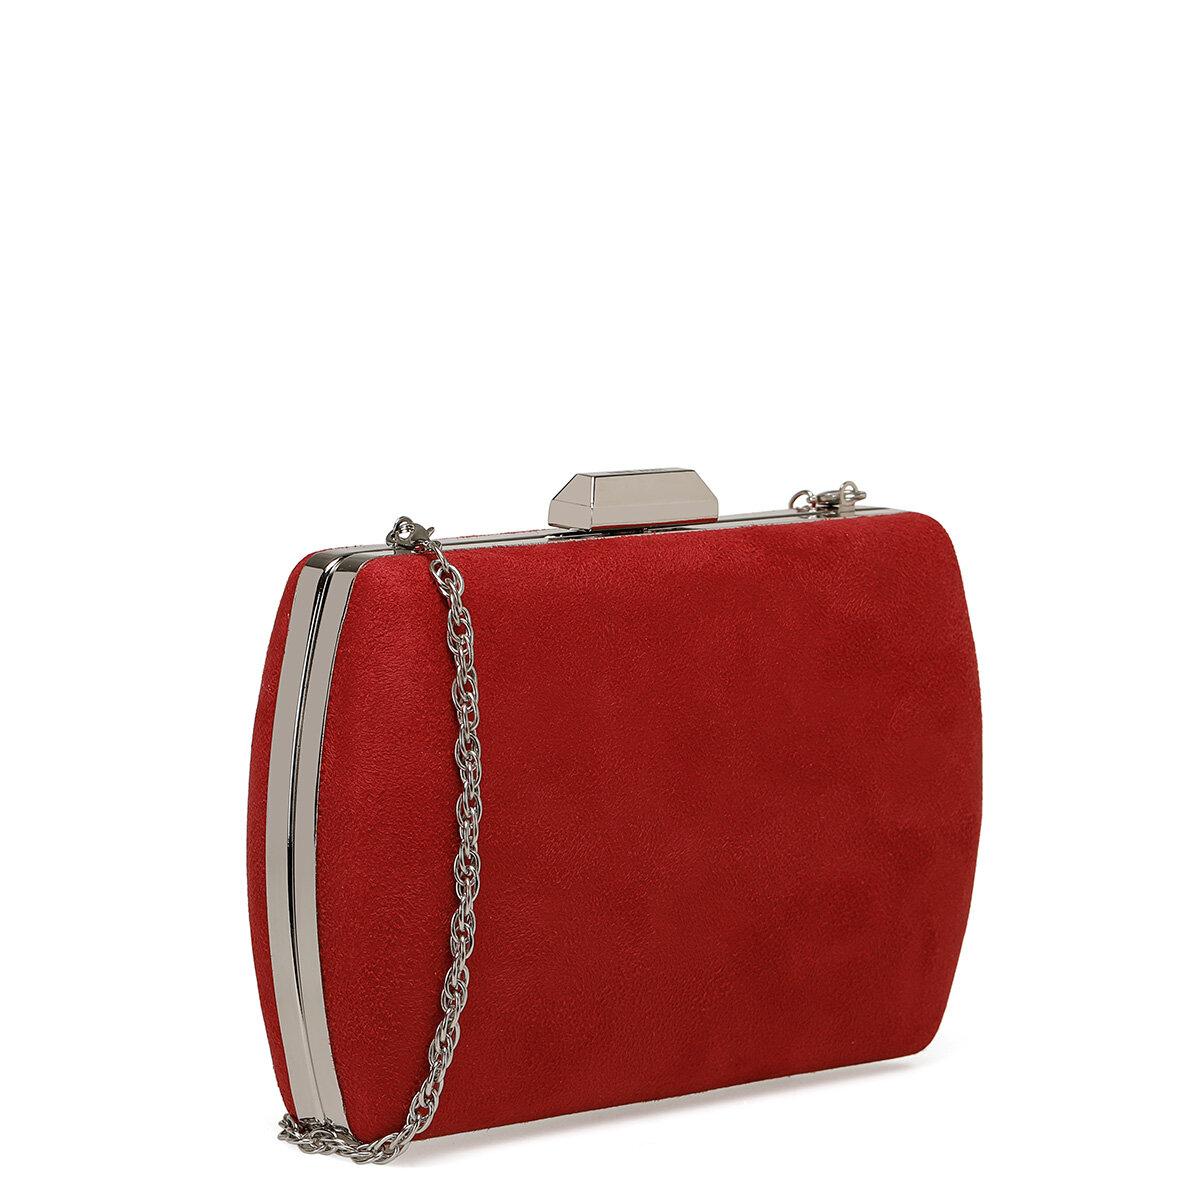 BIGHOT Kırmızı Kadın Portföy Çanta